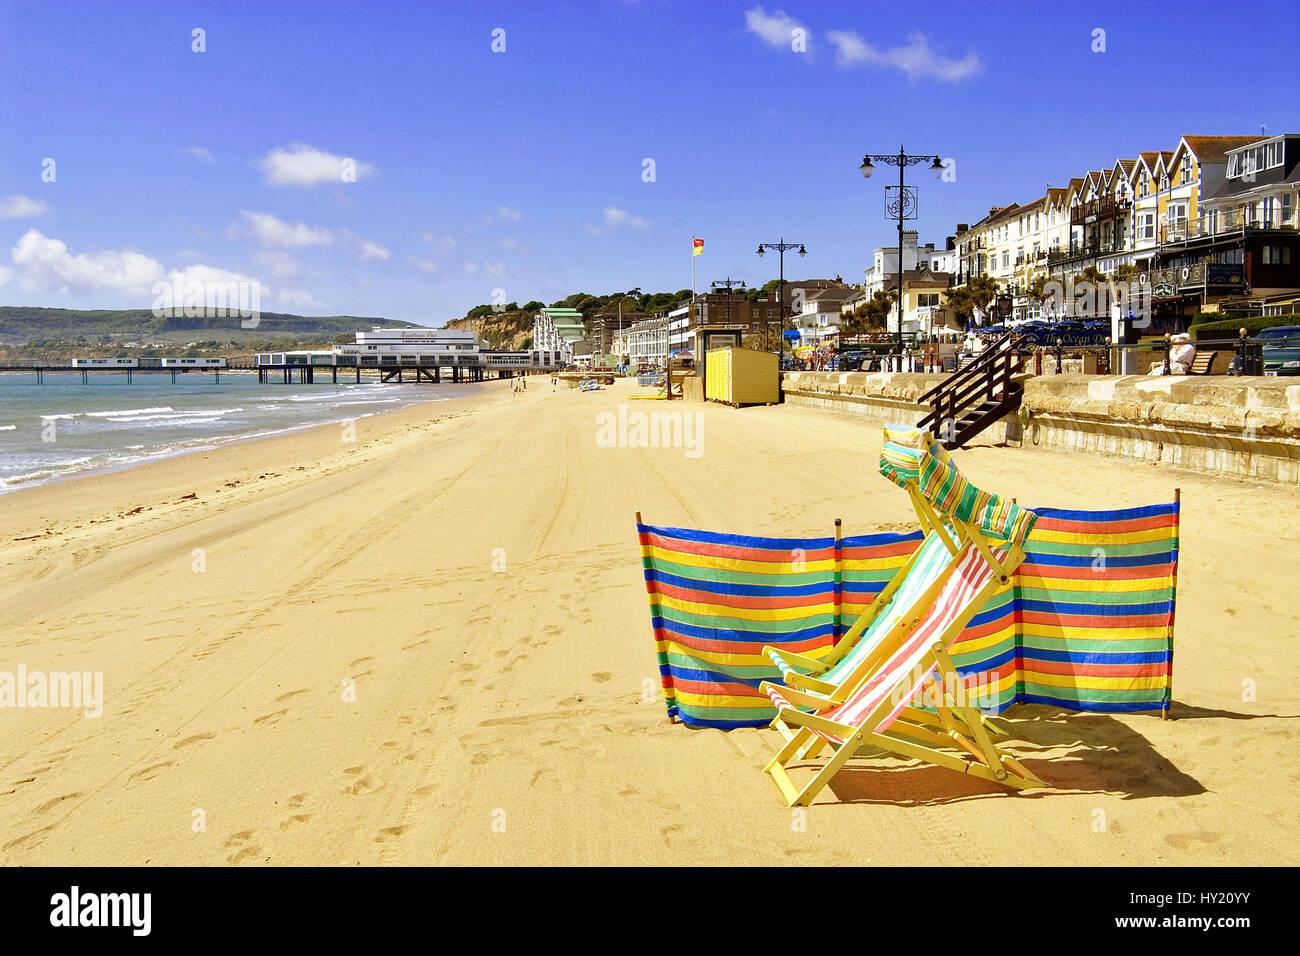 Bild ueber die Strandpromenade von Sandown, ein bekanntes Strandresort auf der Insel Isle of Wight in Suedengland. - Stock Image